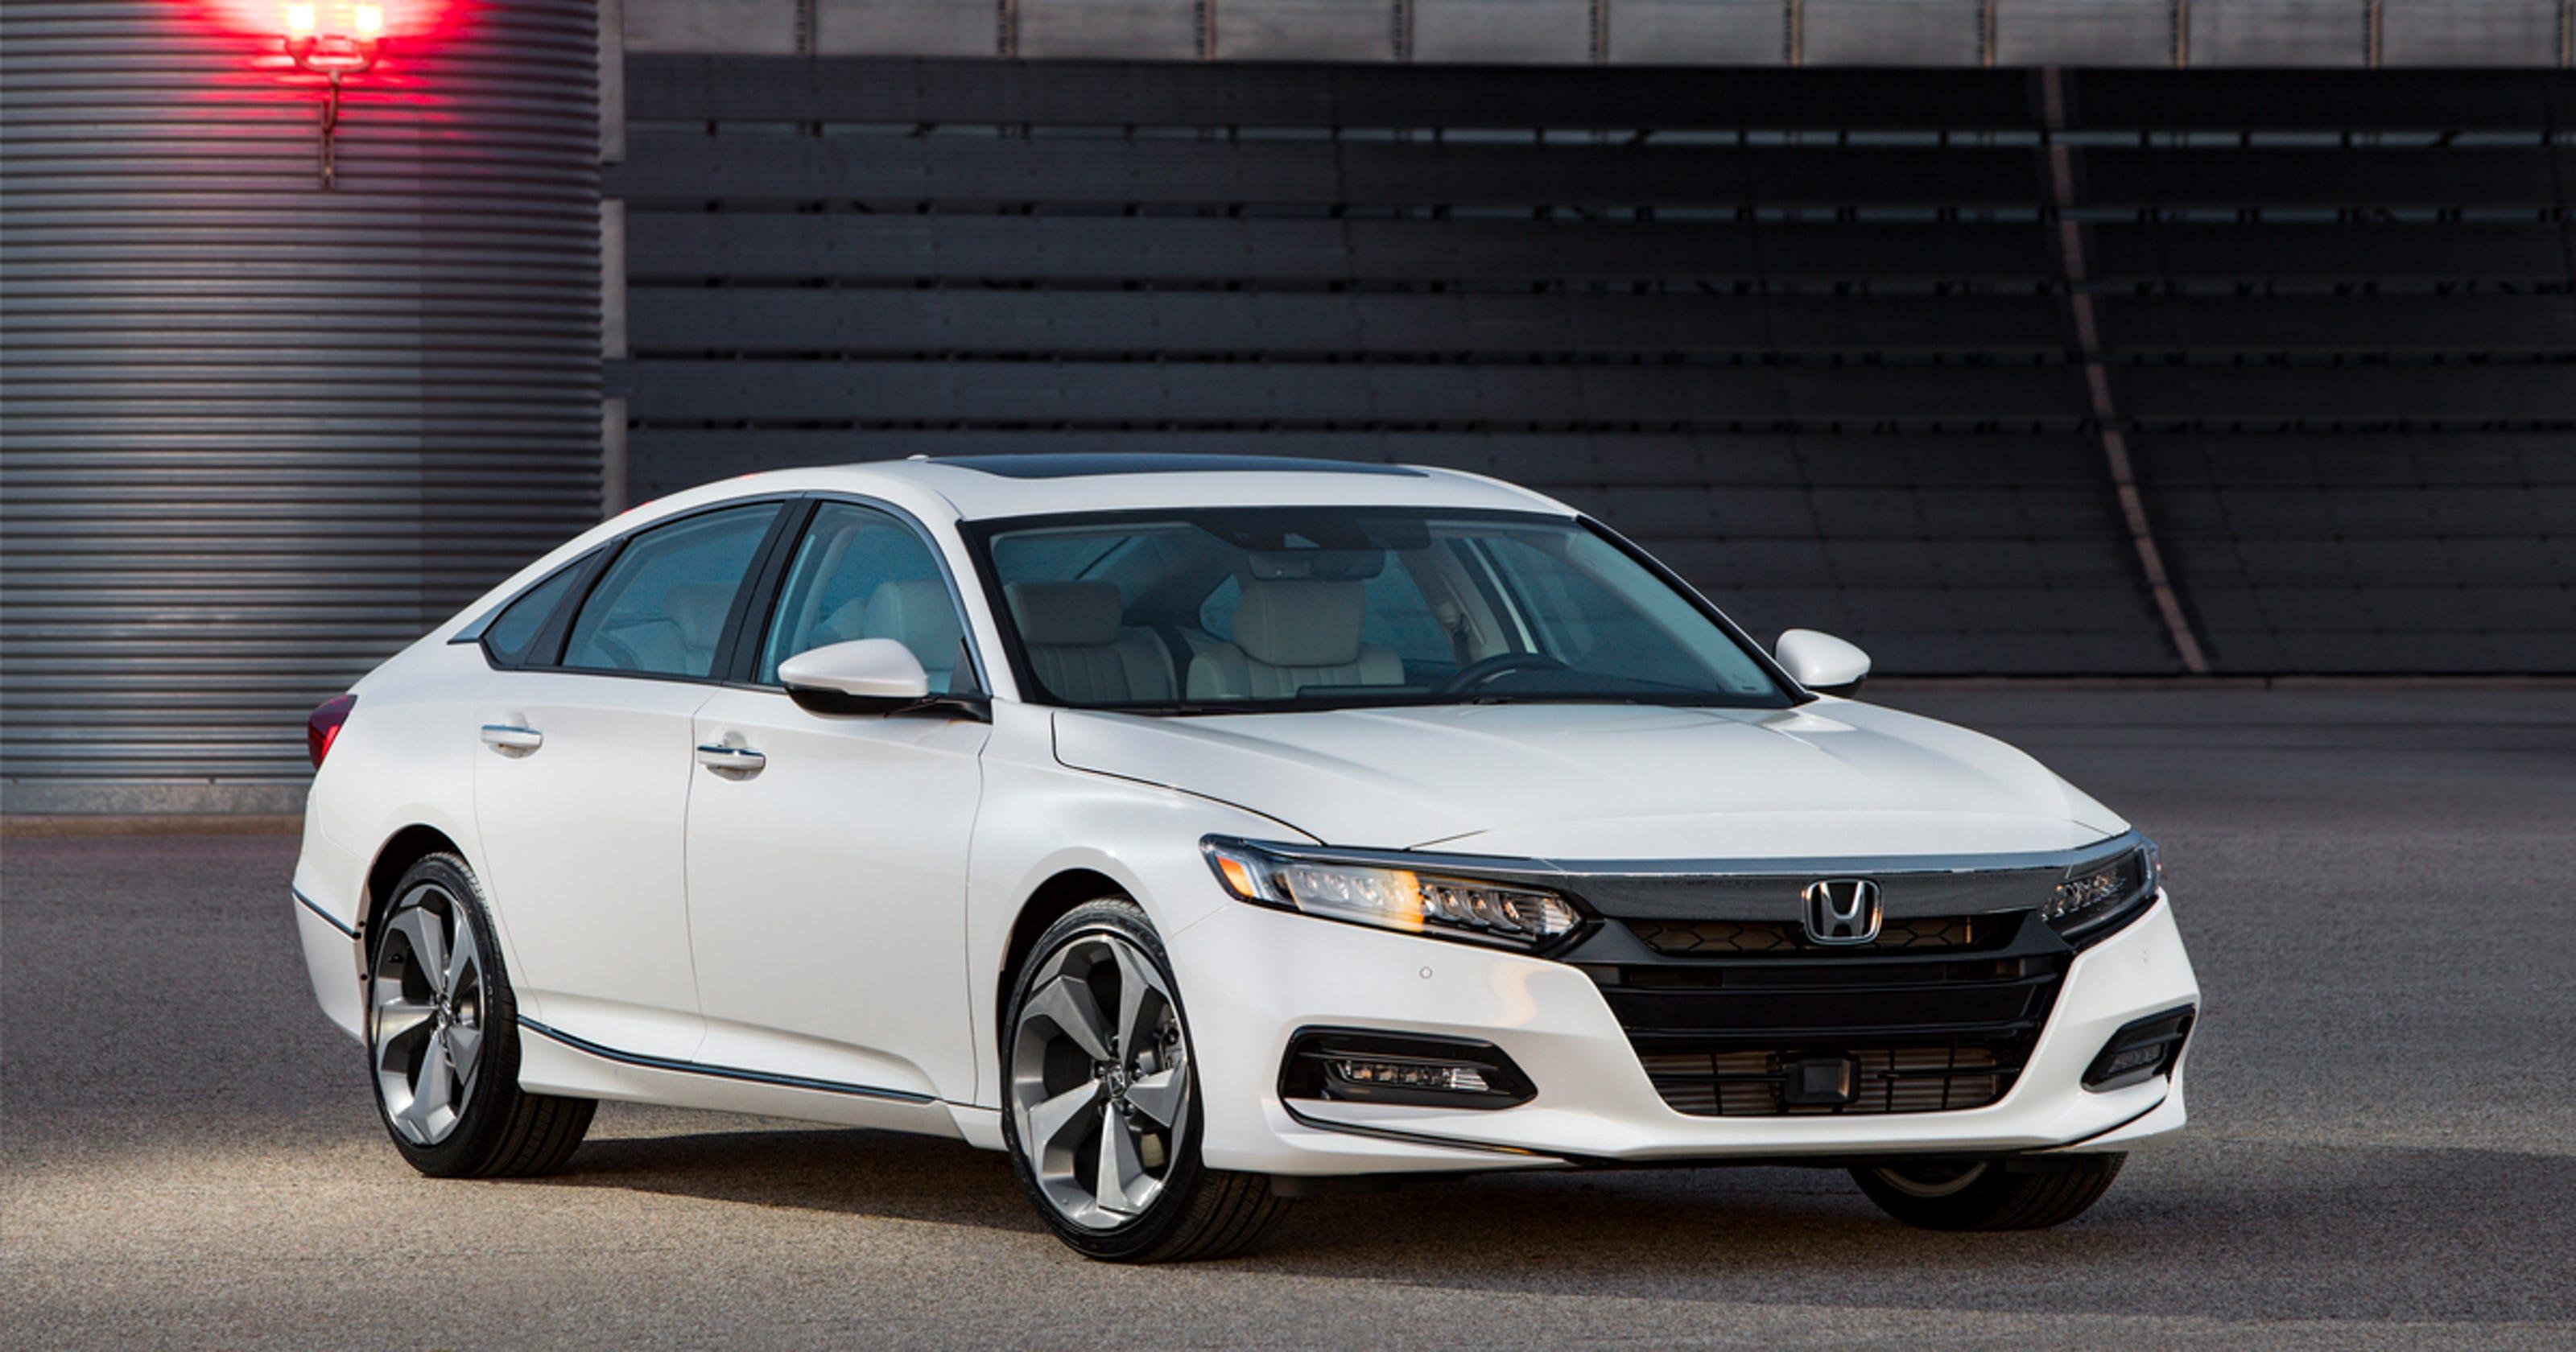 Honda Bill Pay >> Honda reveals new Accord, moves hybrid production from ...